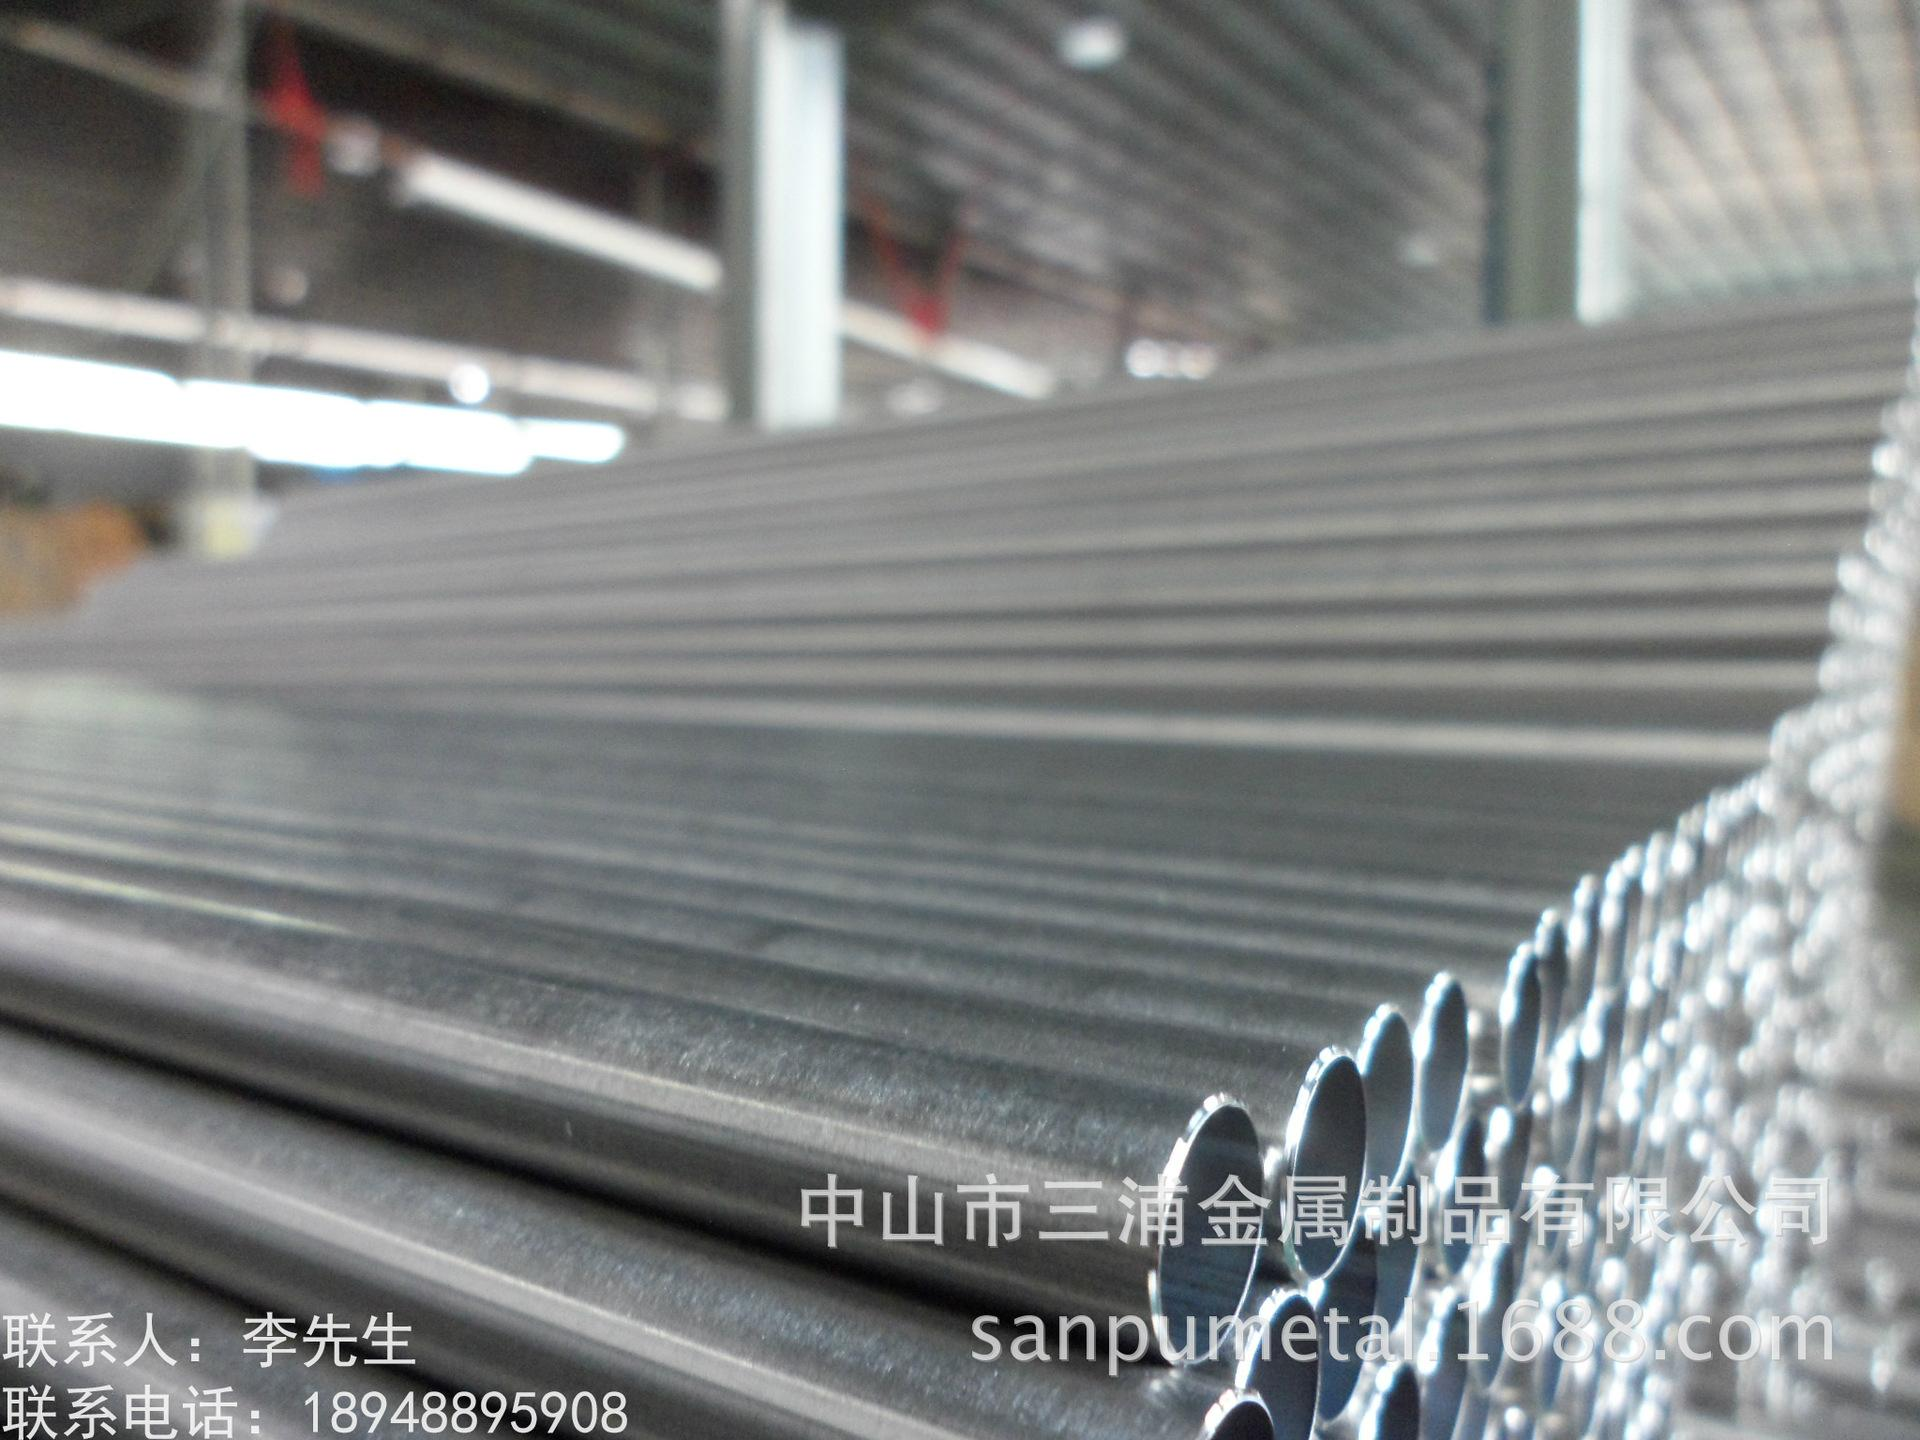 供應汽車高壓油管、電熱管、換熱器管、天然氣管等精密不鏽鋼焊管  1